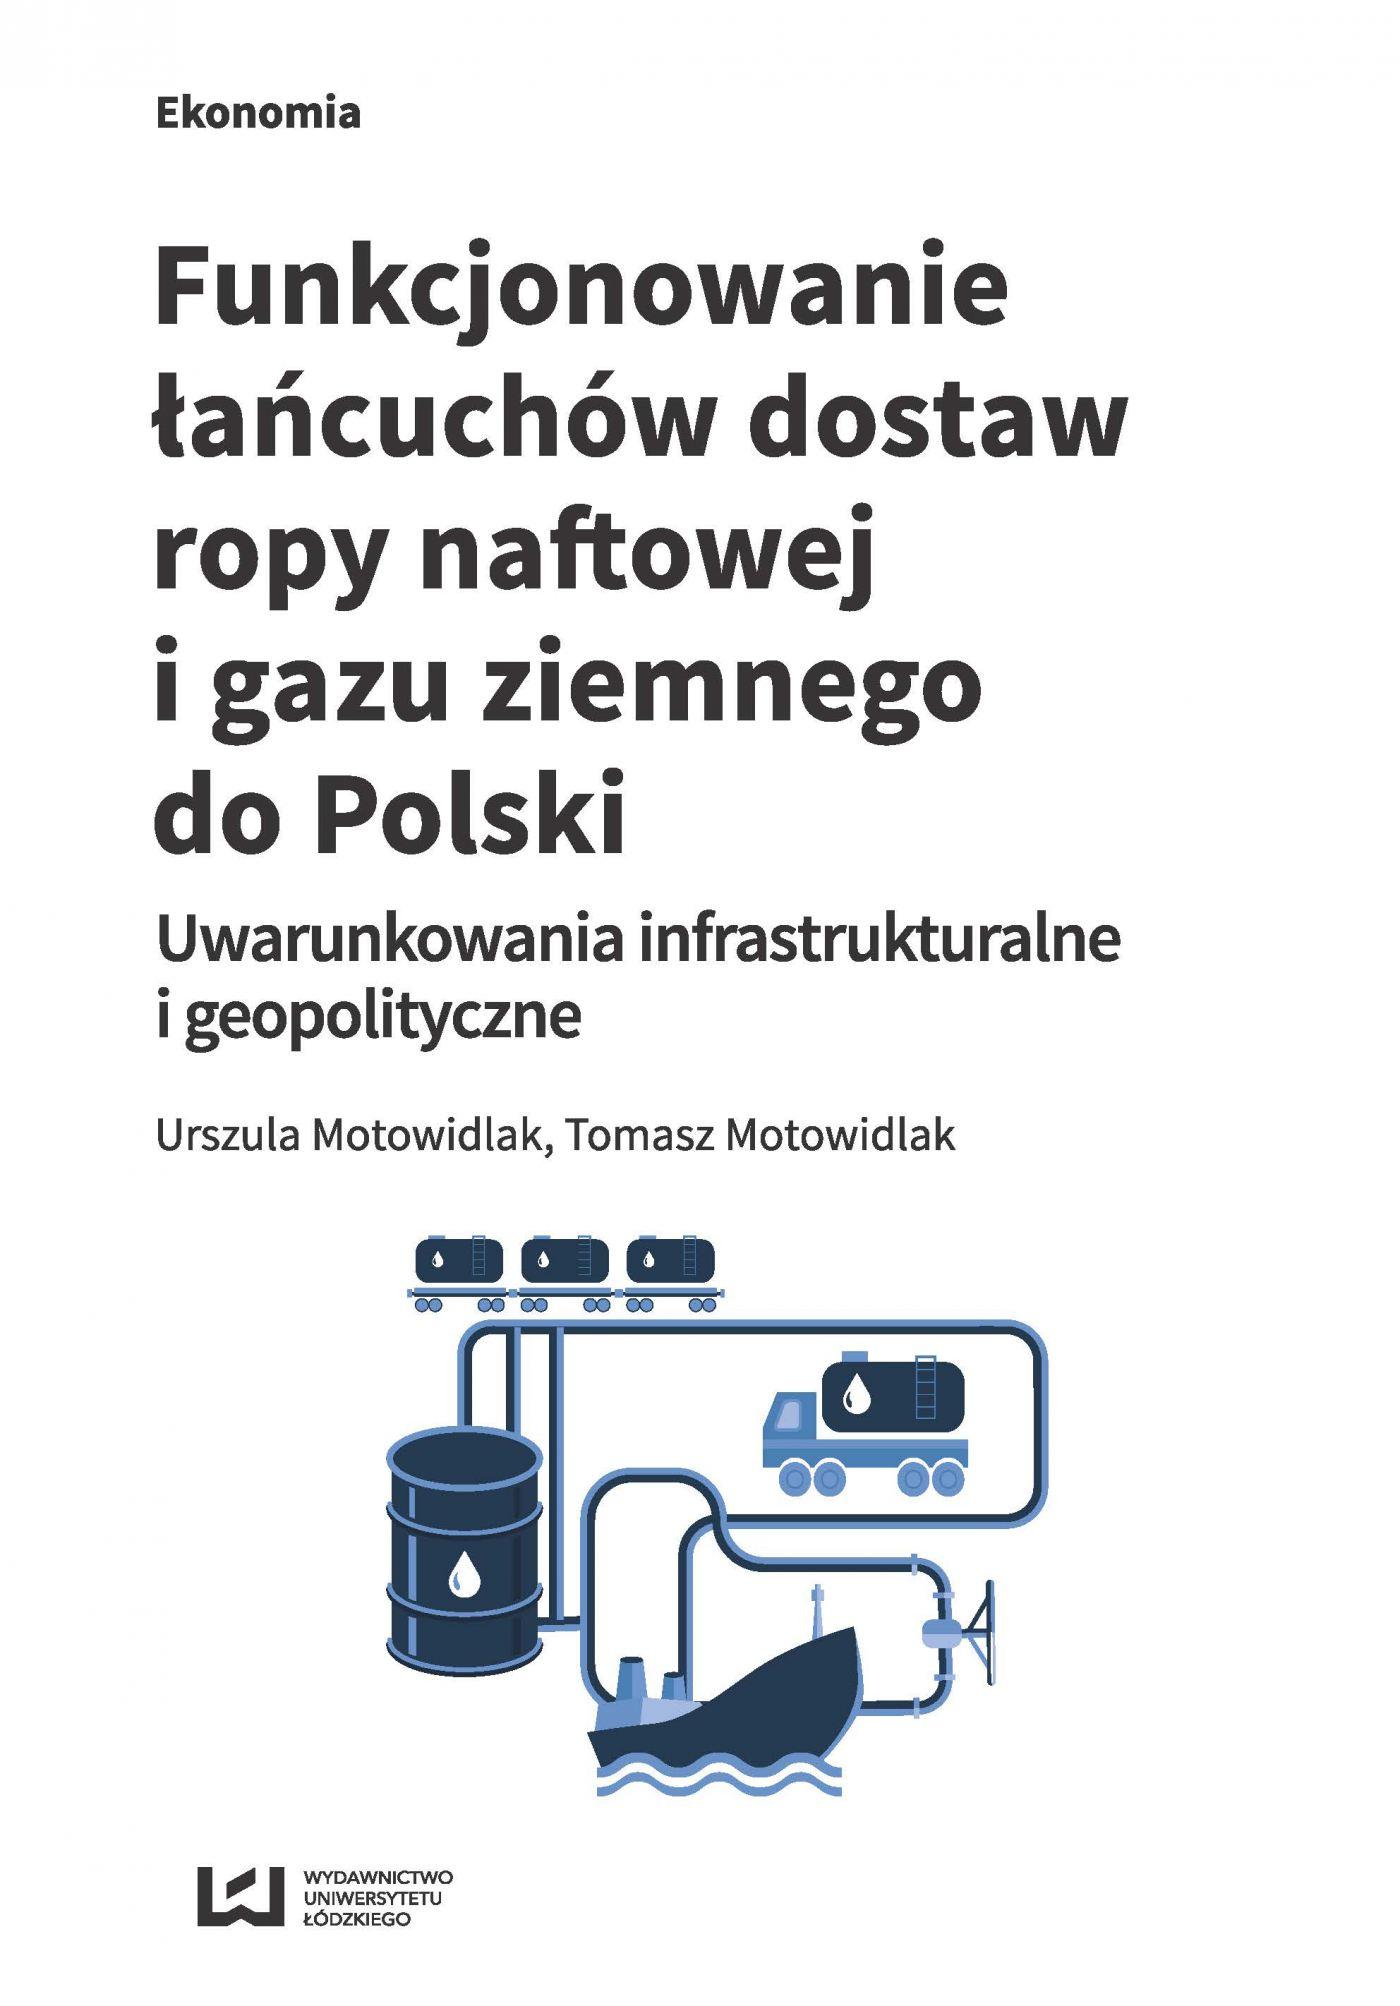 Funkcjonowanie łańcuchów dostaw ropy naftowej i gazu ziemnego do Polski. Uwarunkowania infrastrukturalne i geopolityczne - Ebook (Książka PDF) do pobrania w formacie PDF